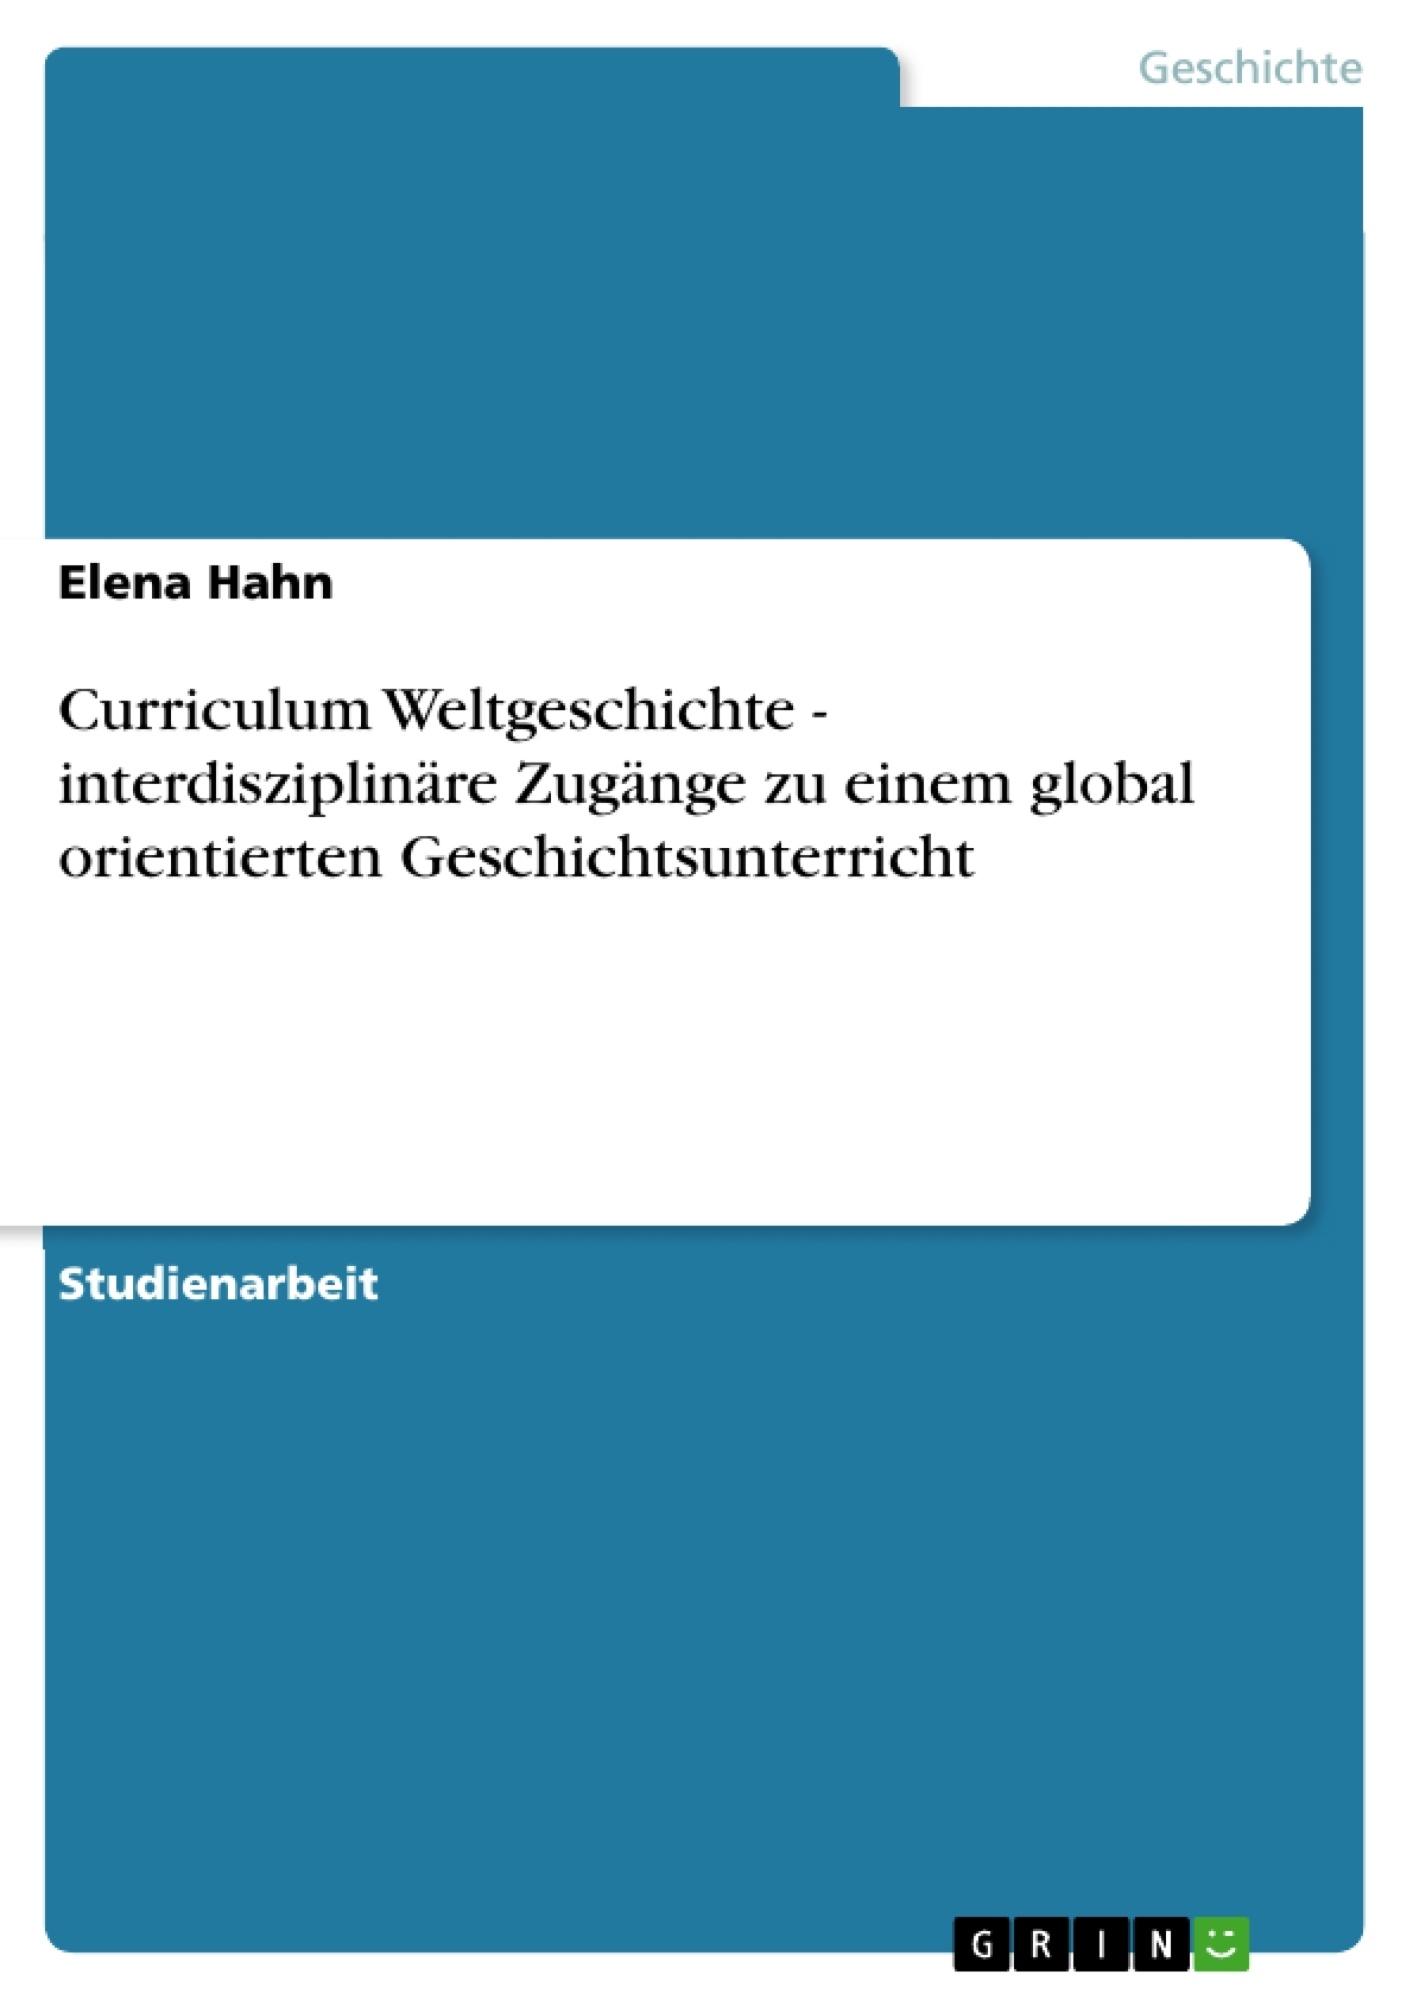 Titel: Curriculum Weltgeschichte - interdisziplinäre Zugänge zu einem global orientierten Geschichtsunterricht